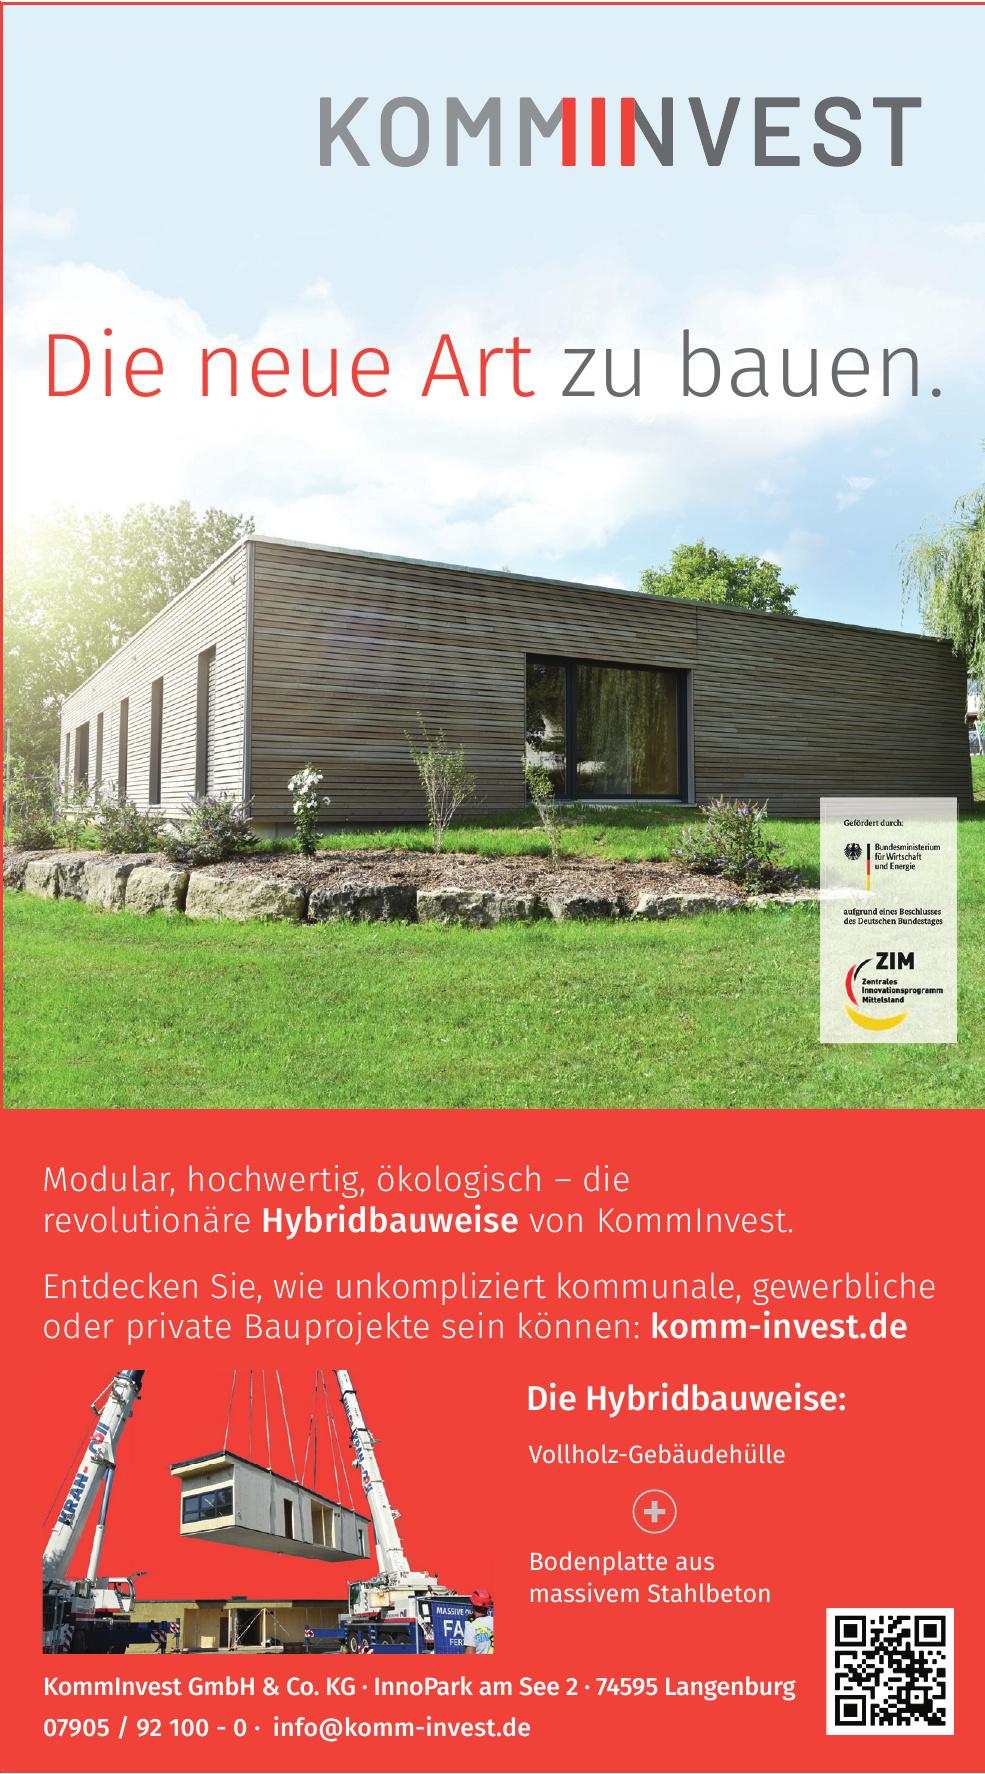 KommInvest GmbH & Co. KG